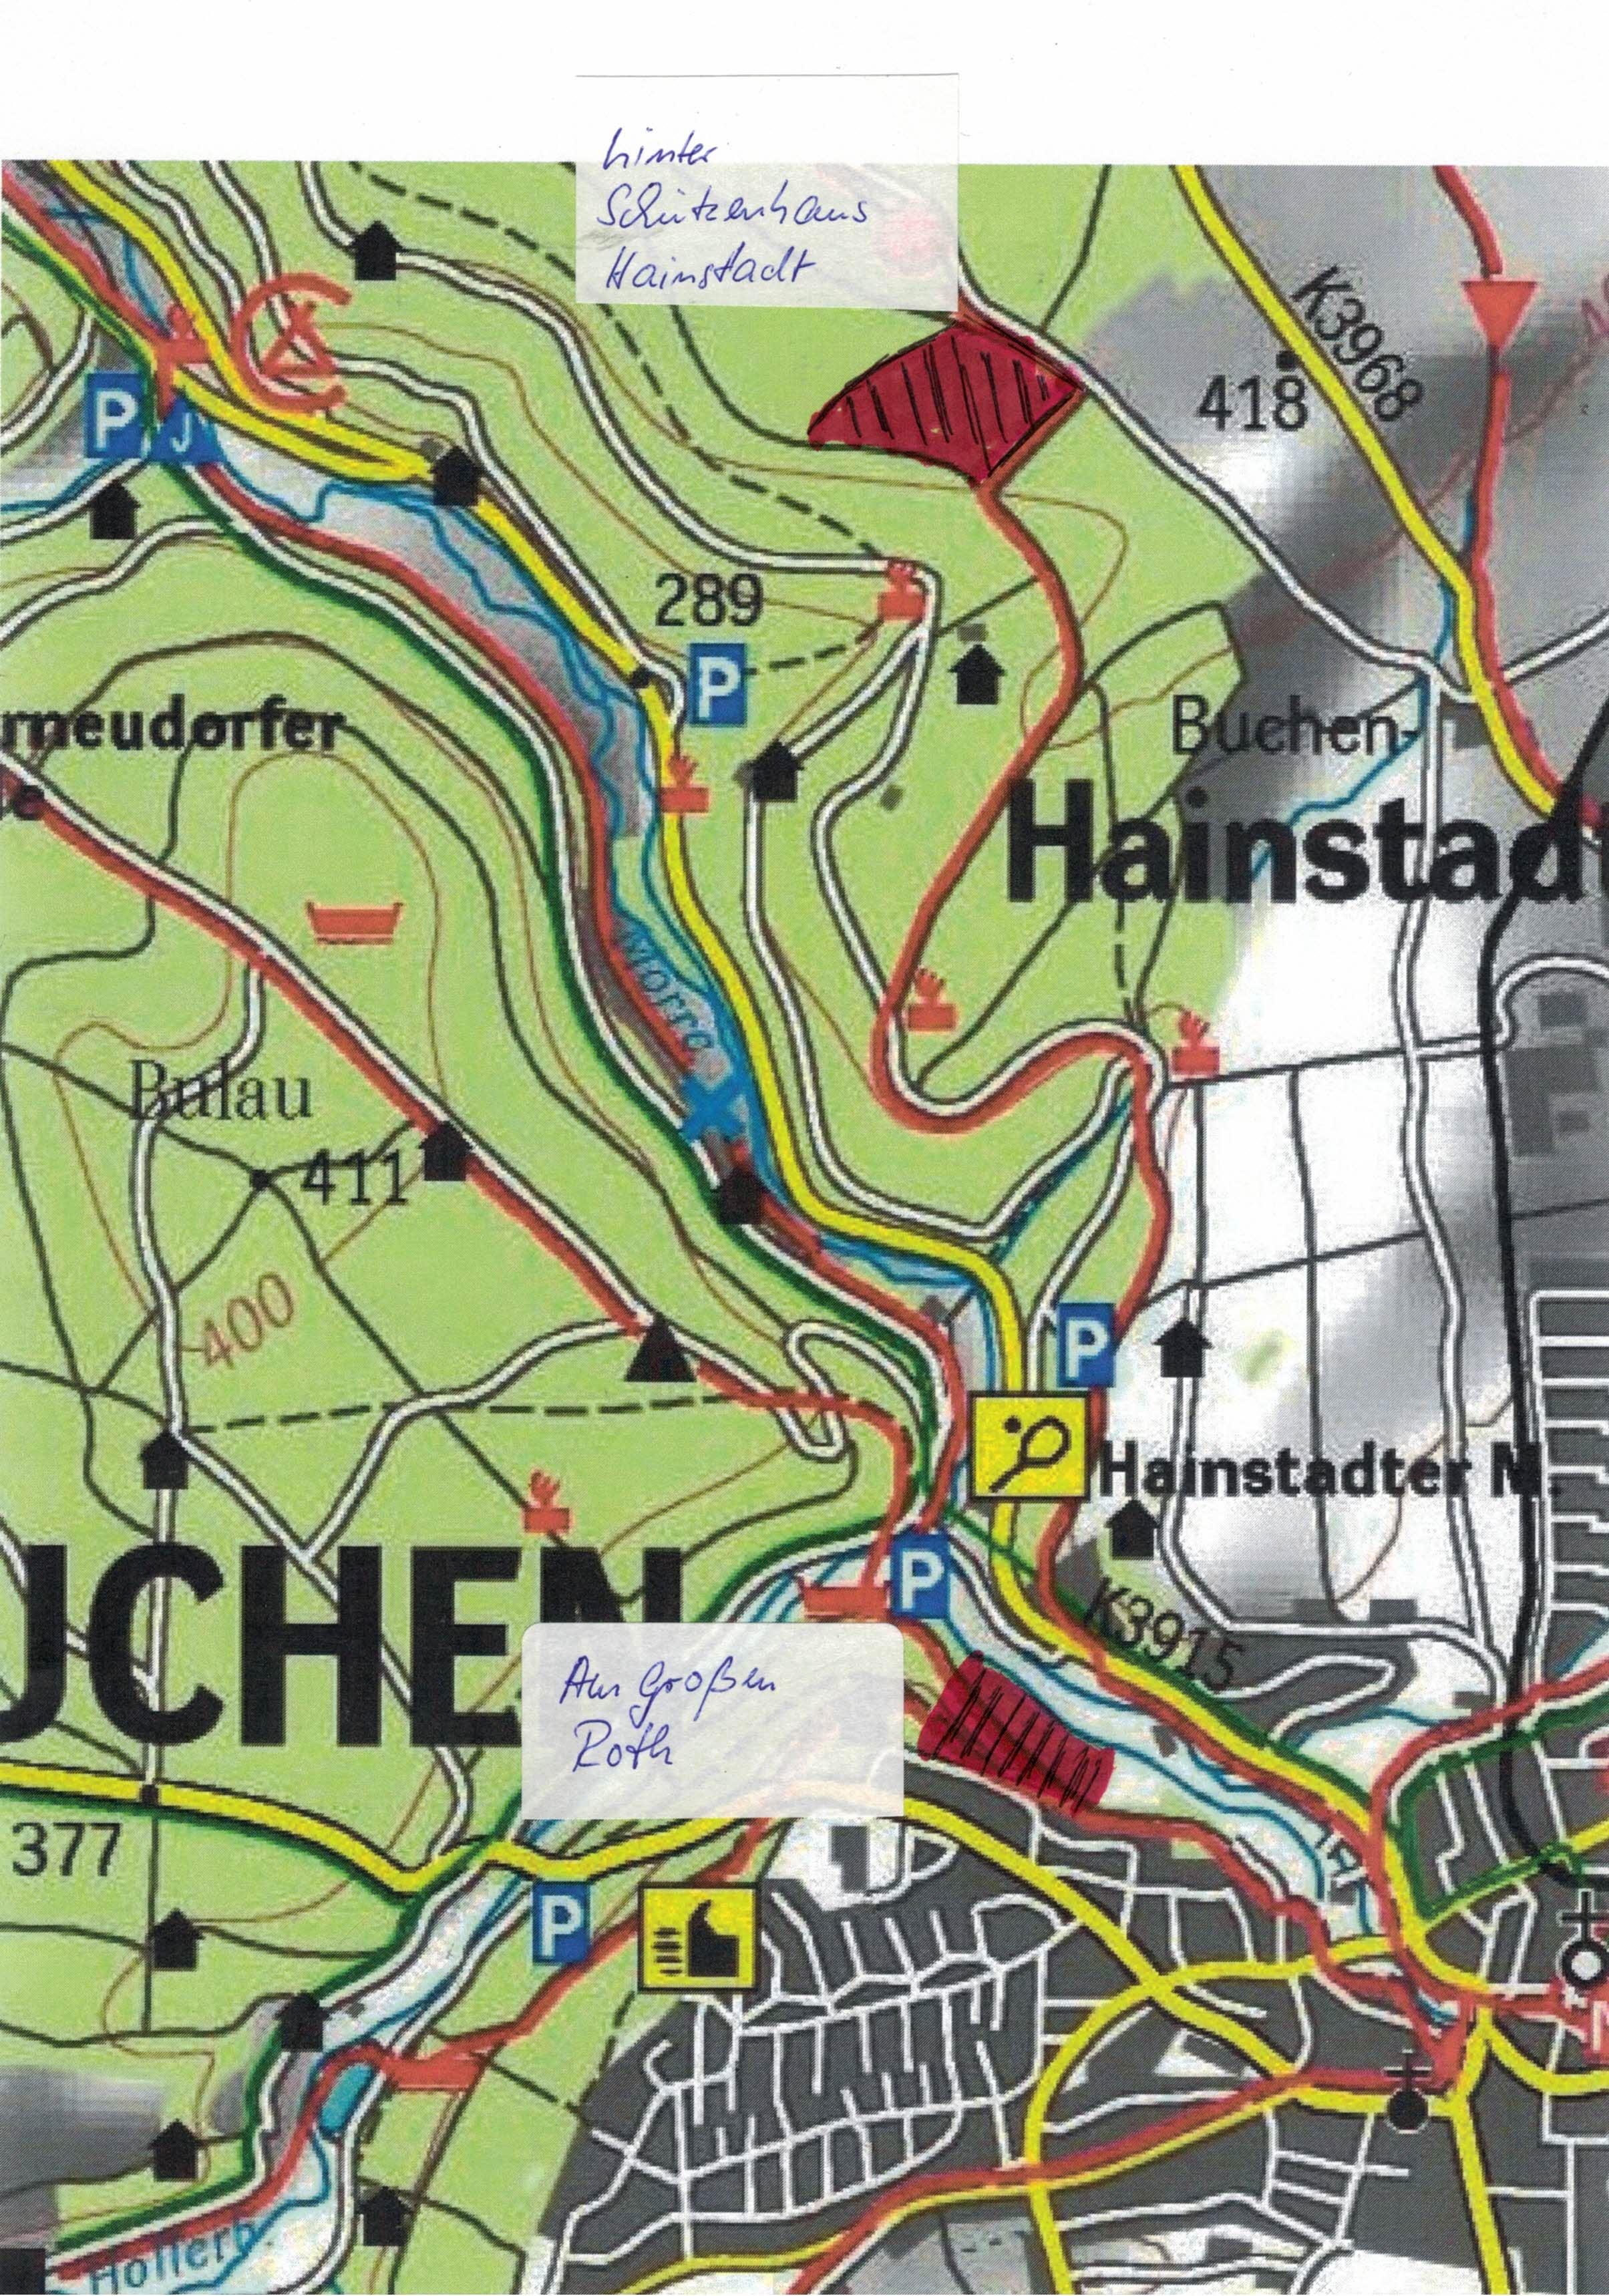 Karte_liegender_Schlagraum_Arnberg_Röhrenweg_und_Großes_Roth.jpg - 1,15 MB